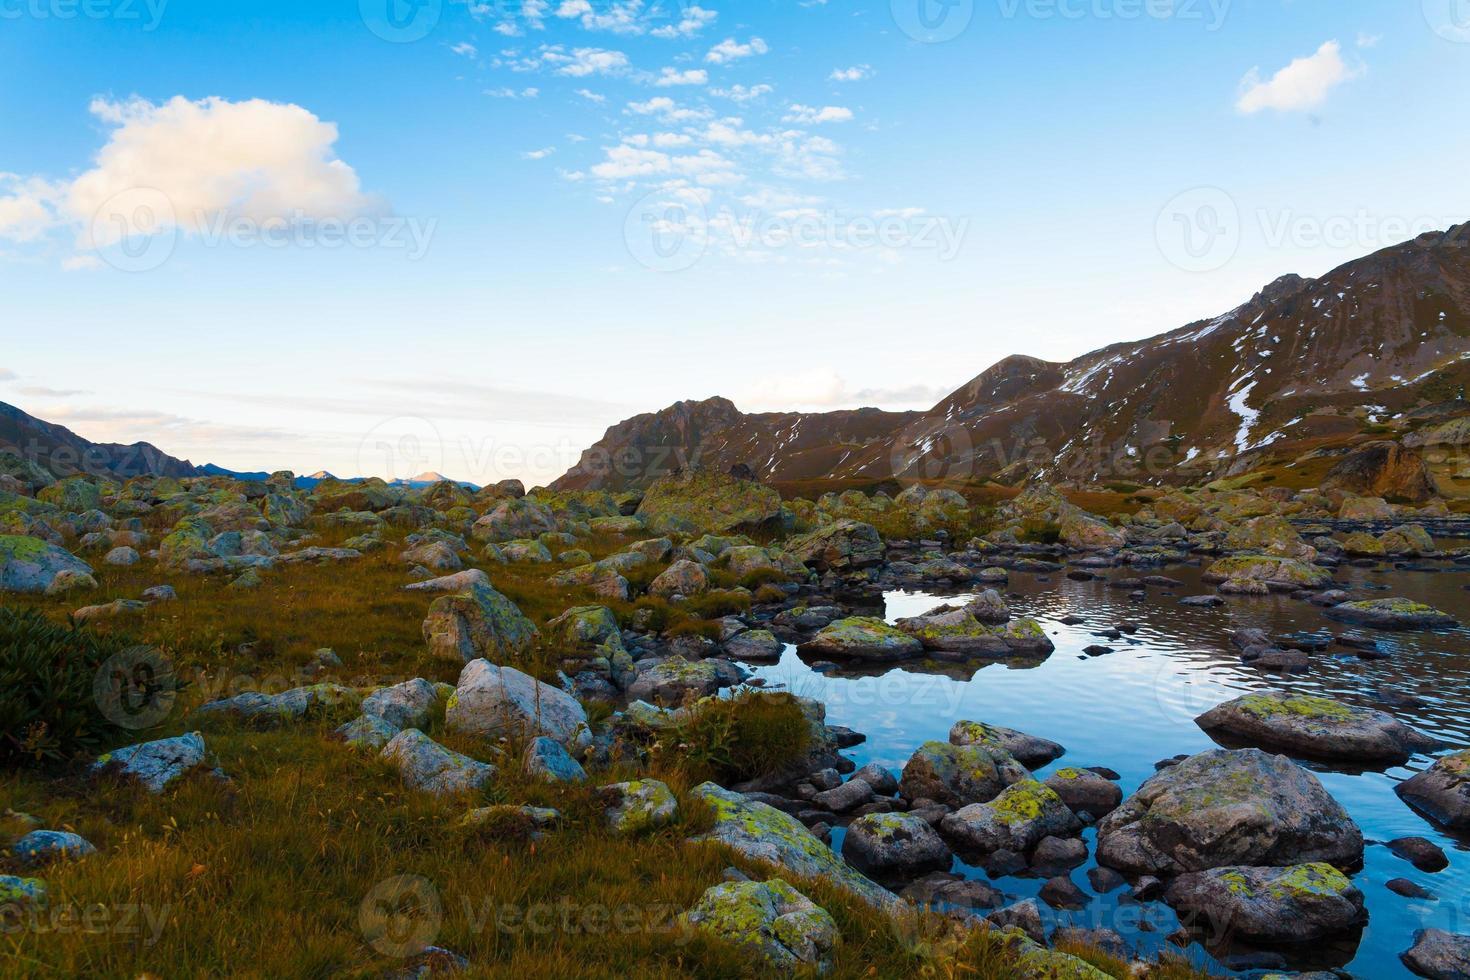 lac coucher de soleil automne photo